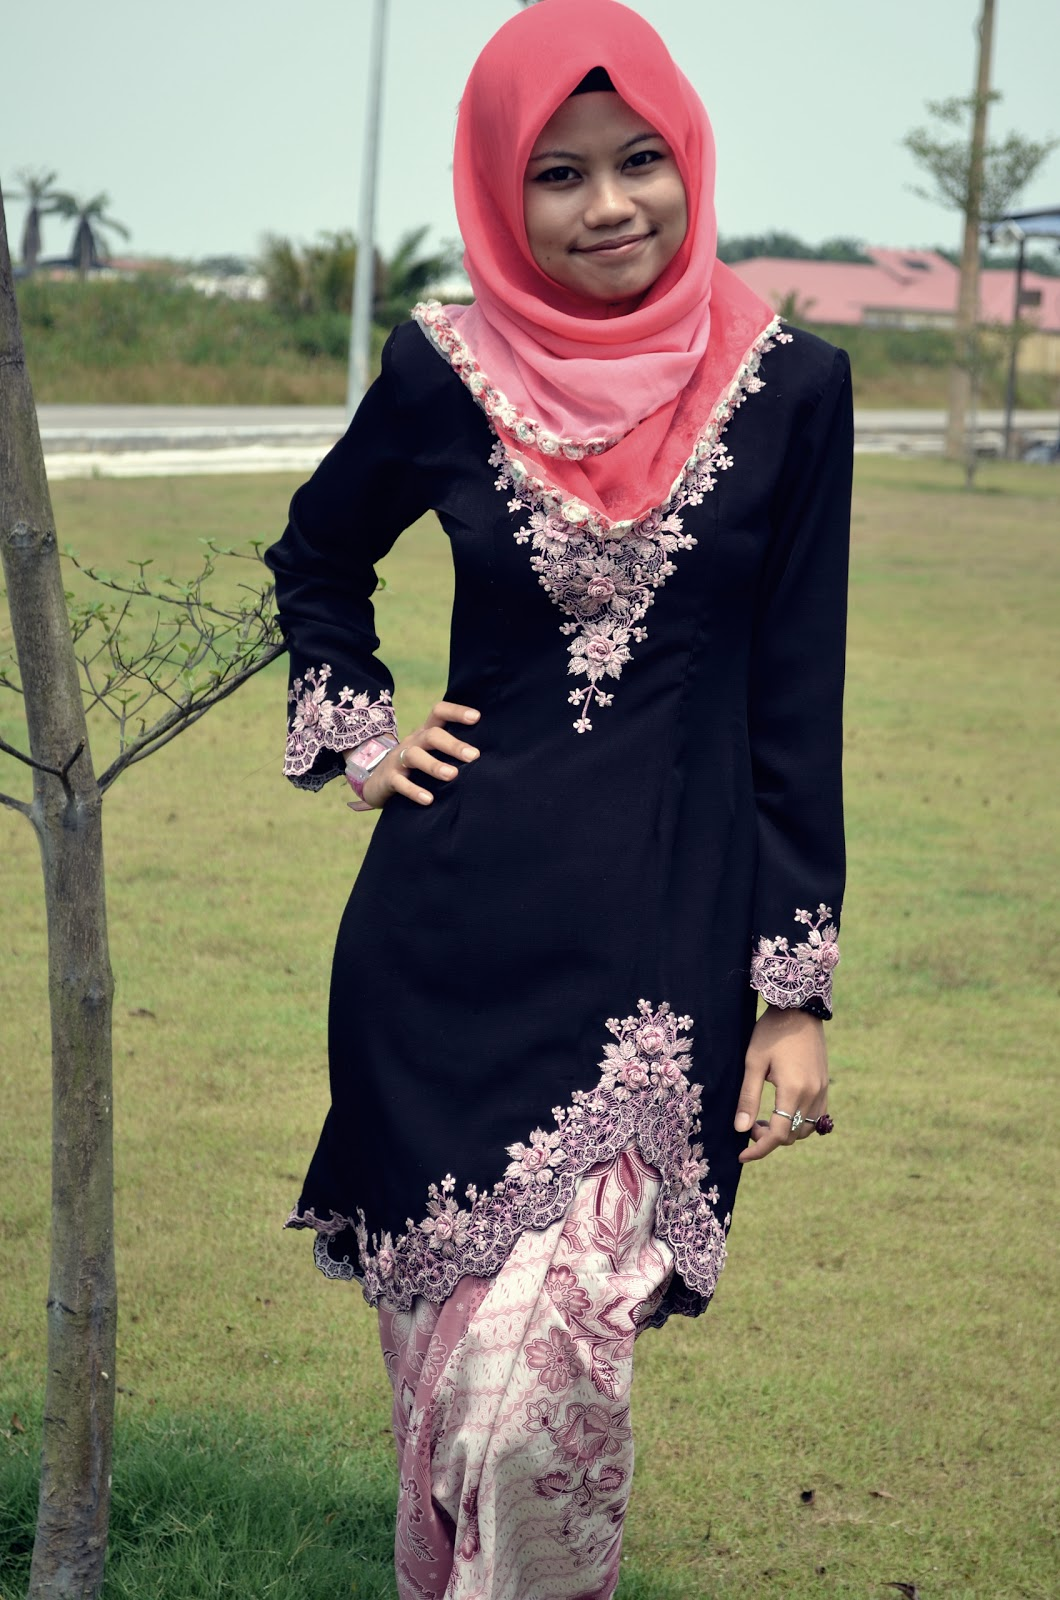 More Hot Pictures from Gambar Pantat Melayu Download Foto Zonatrick